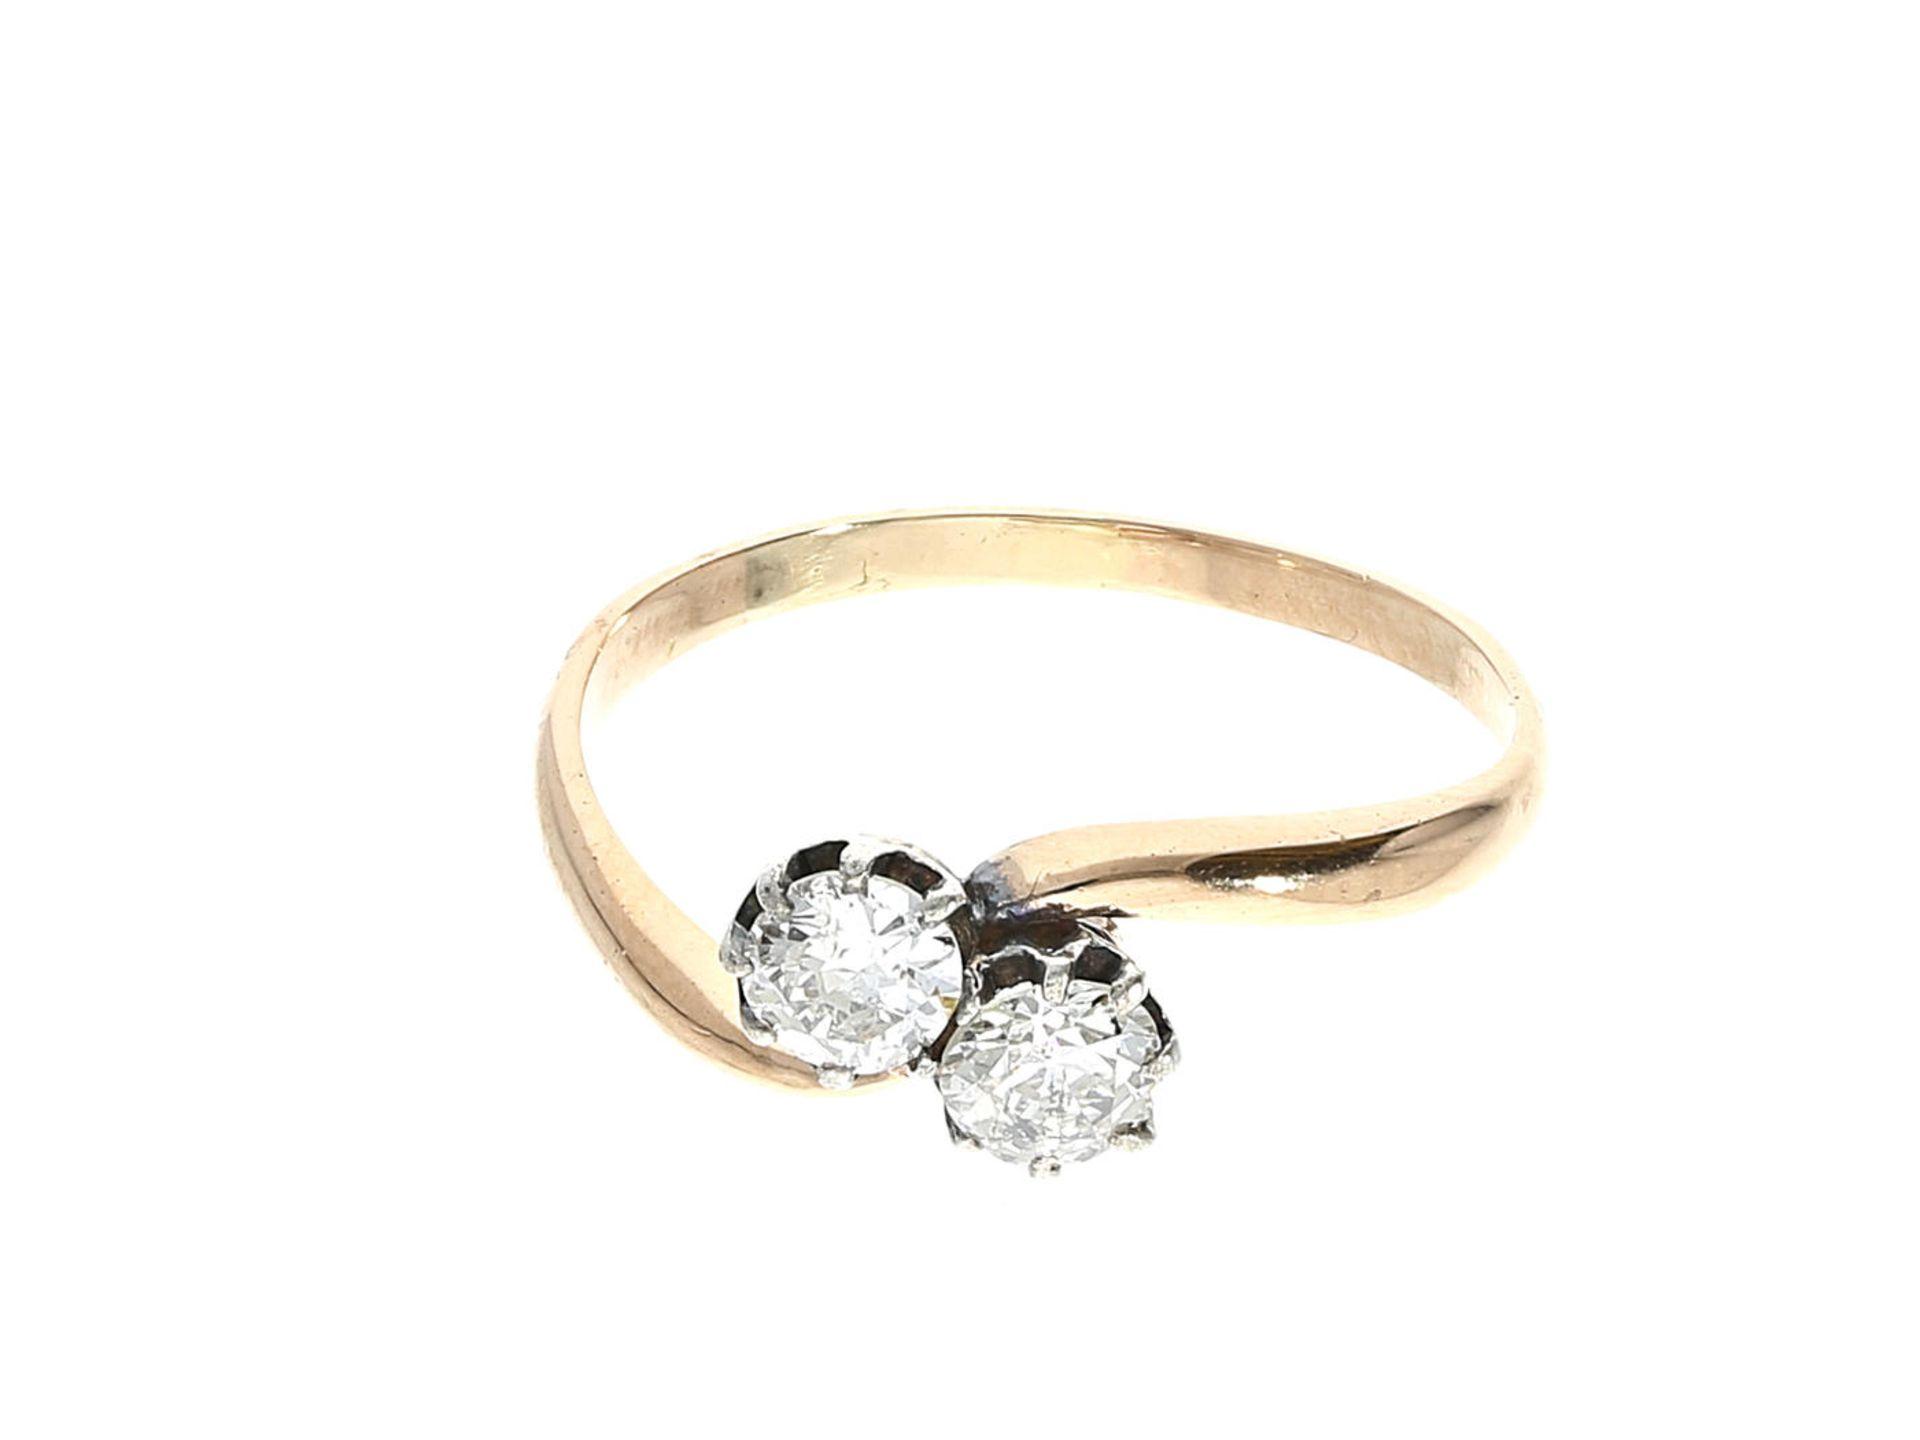 Los 6004 - Ring: sehr schöner antiker Diamantring, vermutlich um 1925, ca. 0,7ct Ca. Ø18mm, RG57, ca. 2g, 14K